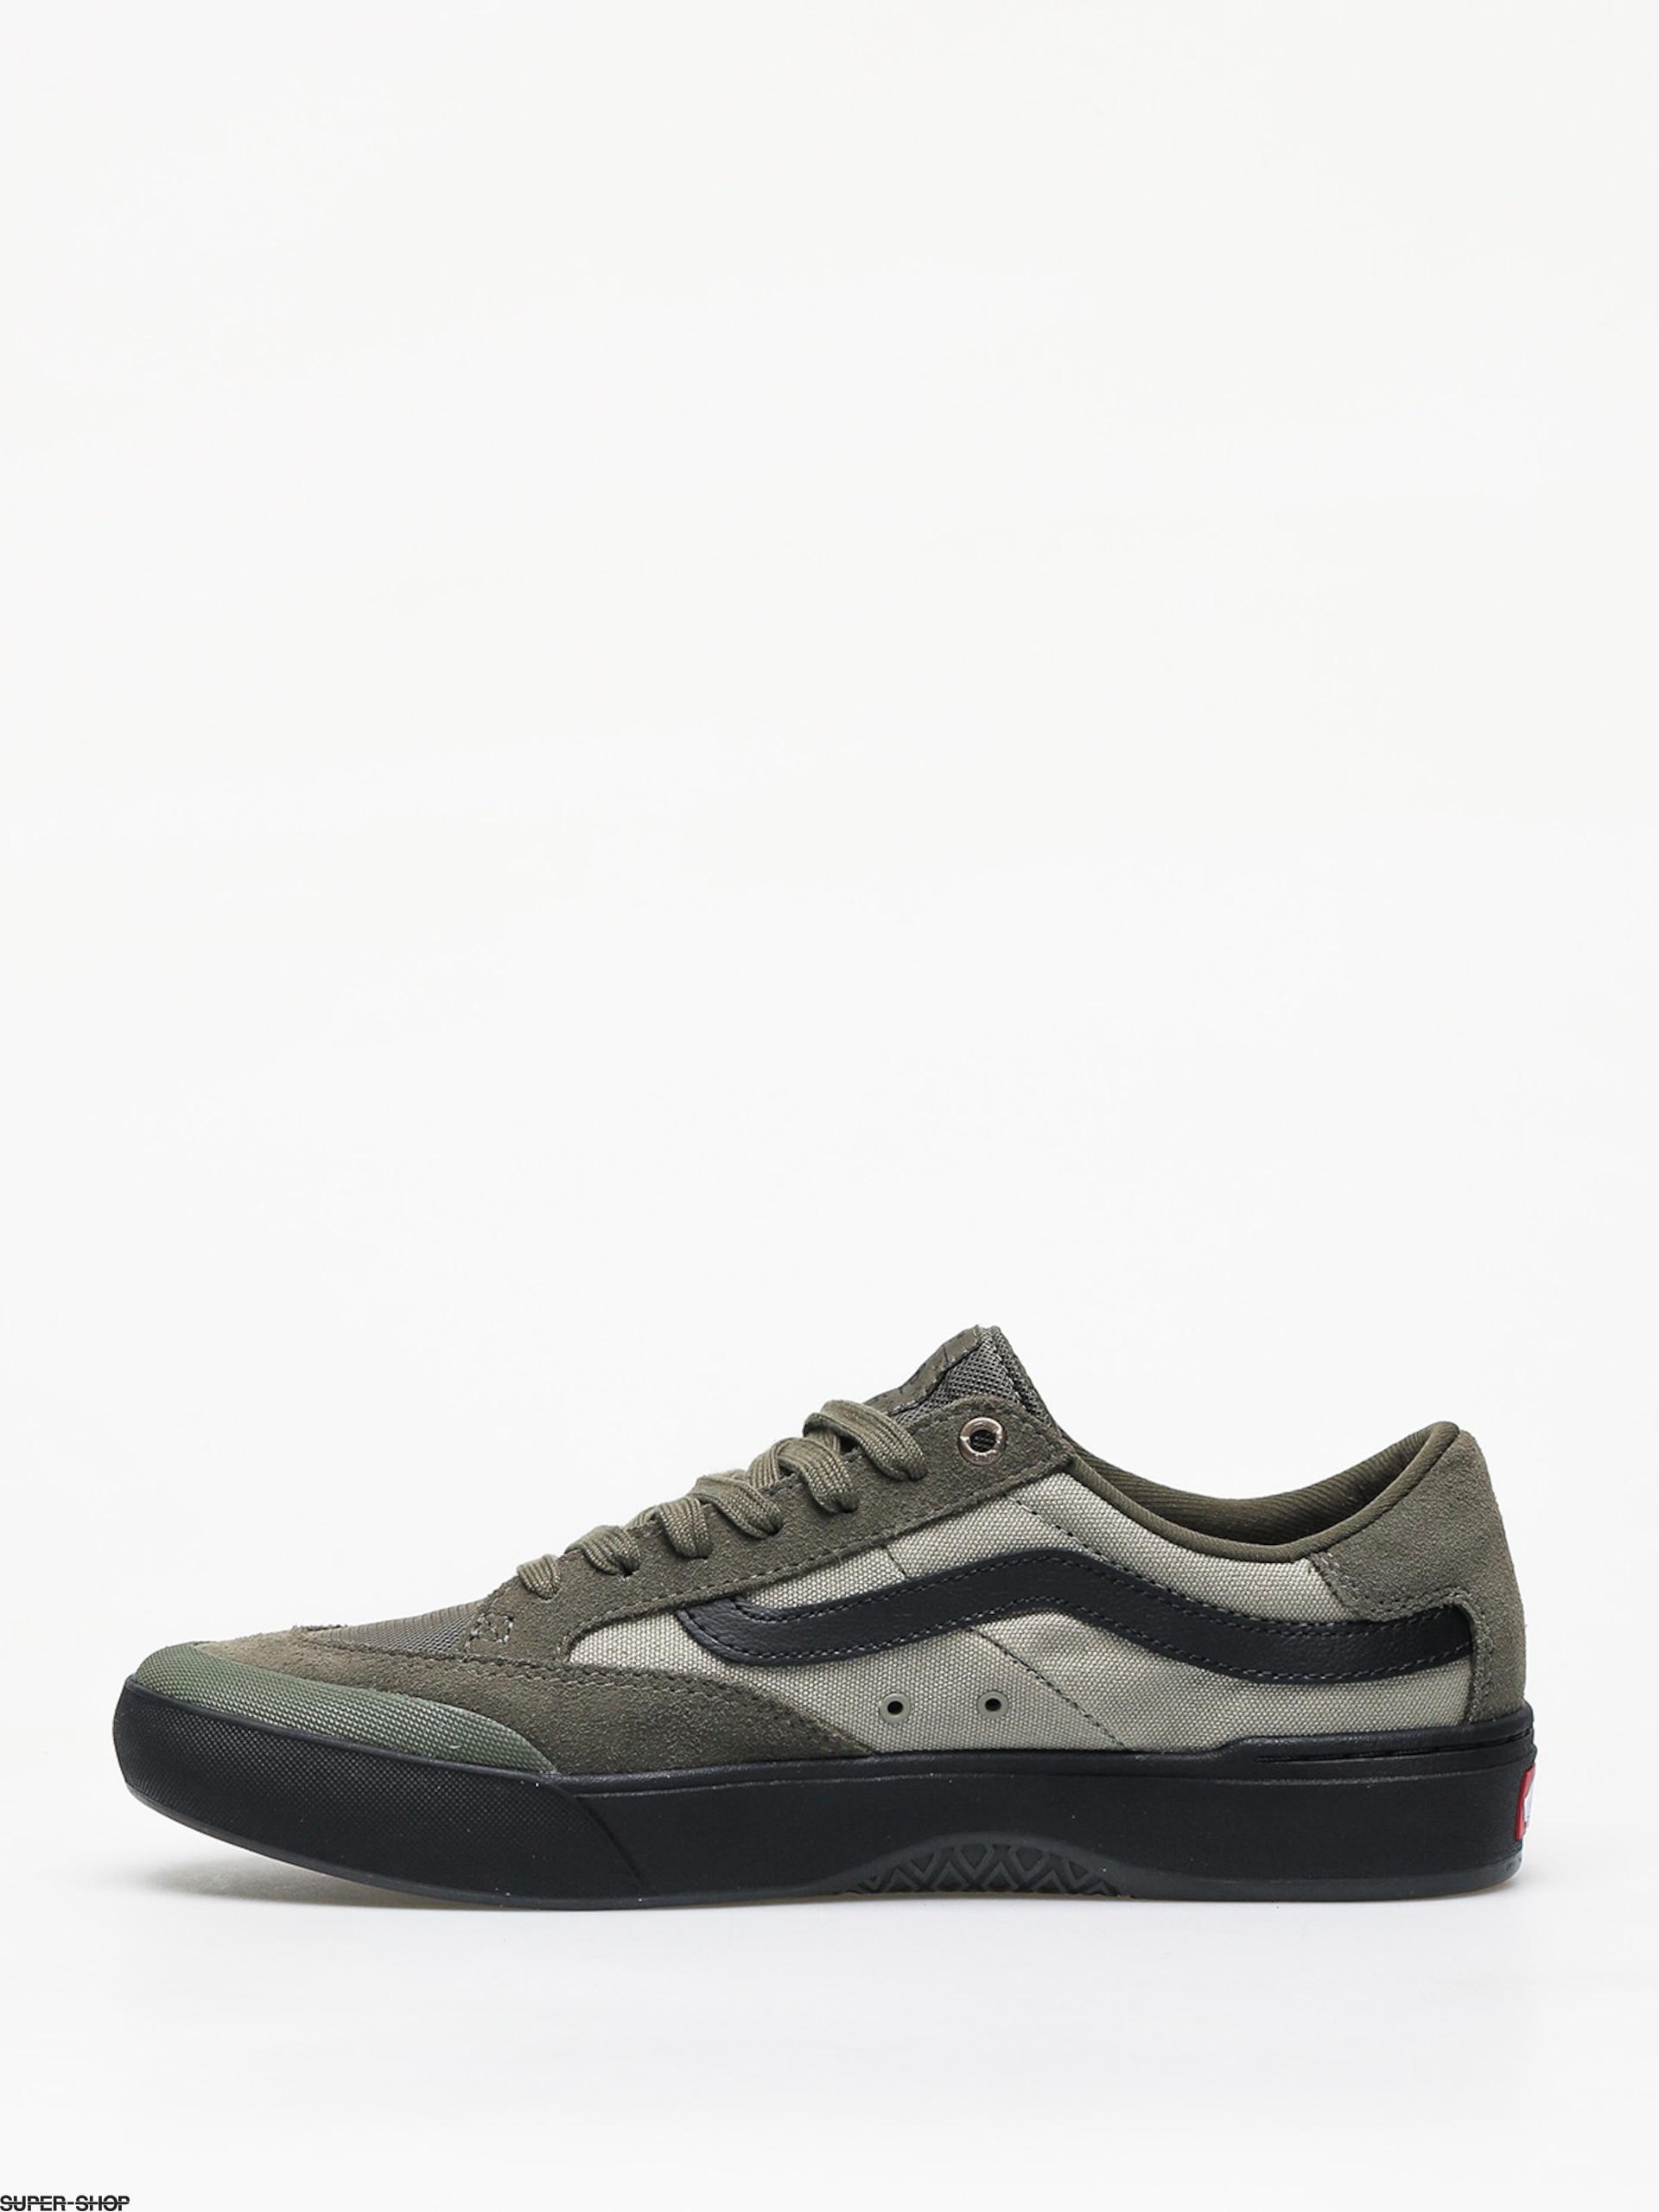 Vans Berle Pro Shoes (grape leaf)